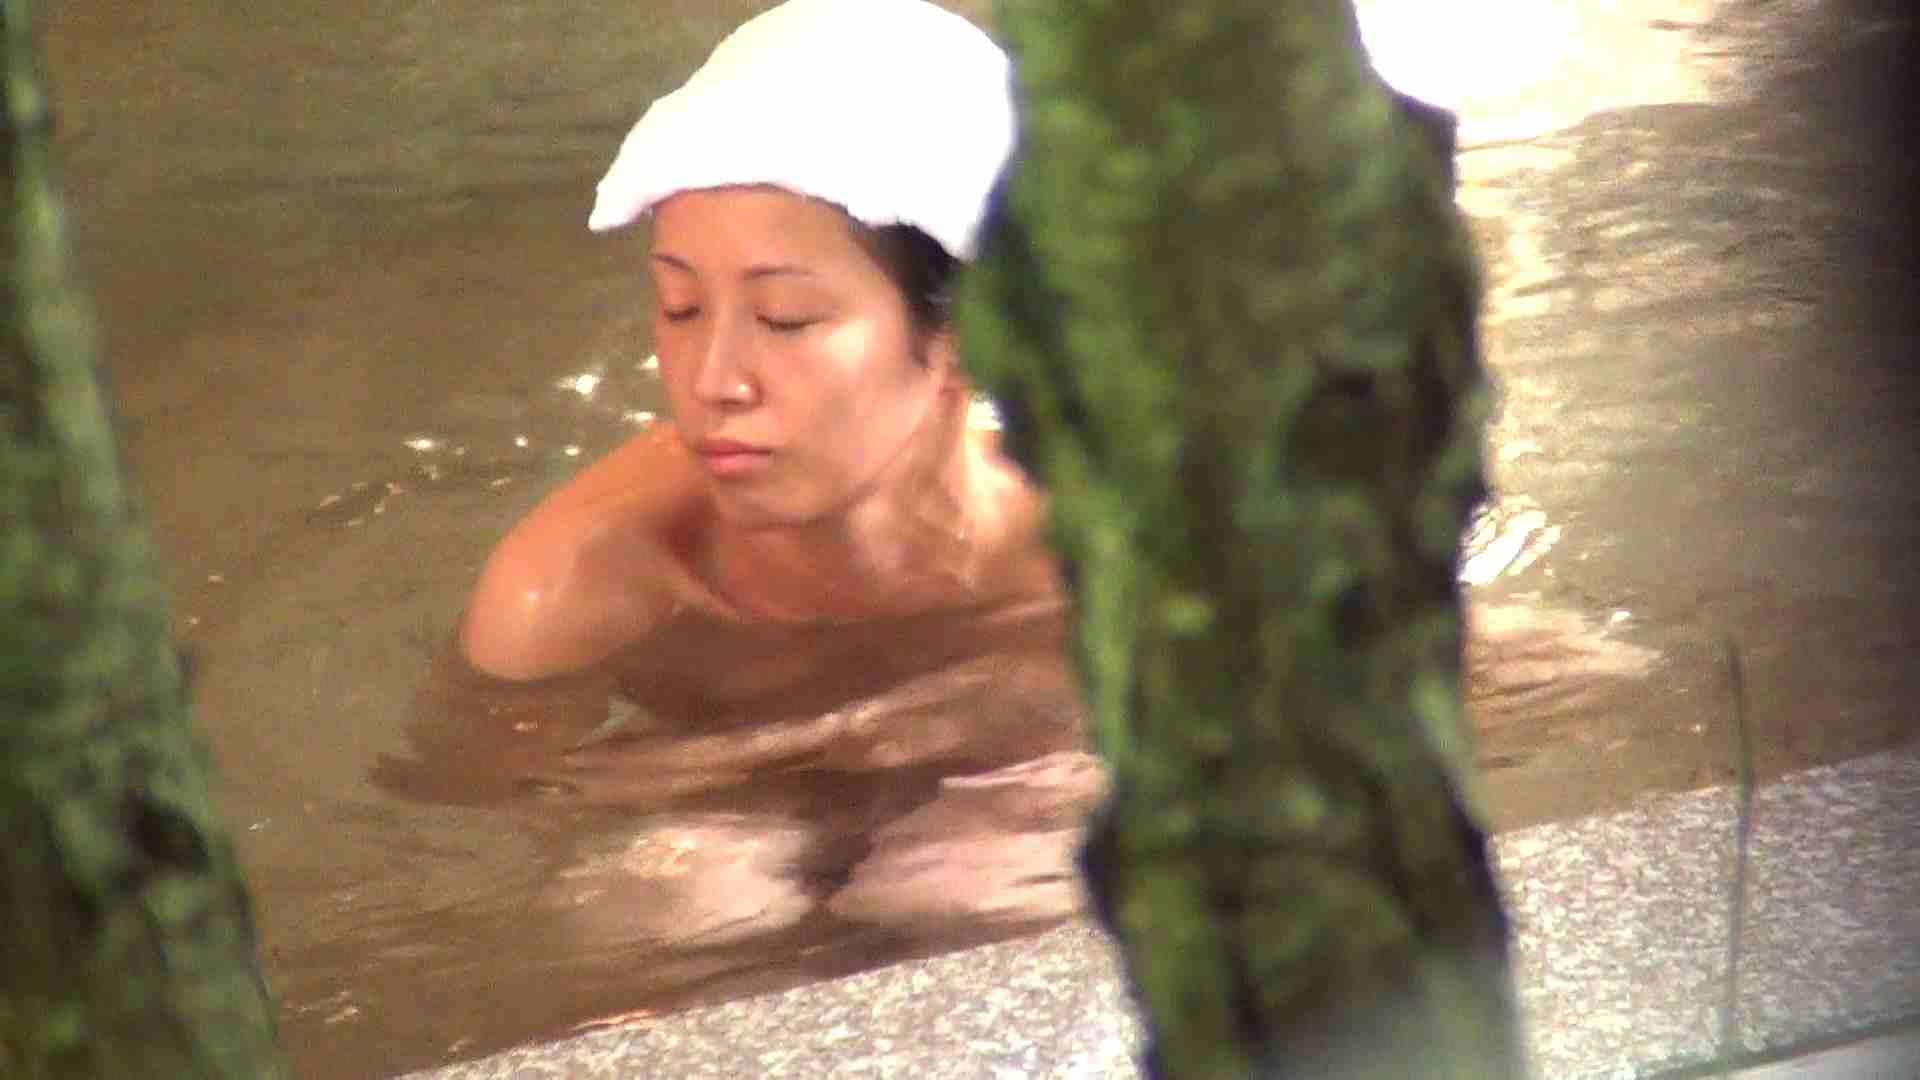 Aquaな露天風呂Vol.281 盗撮 | OLのエロ生活  57連発 49